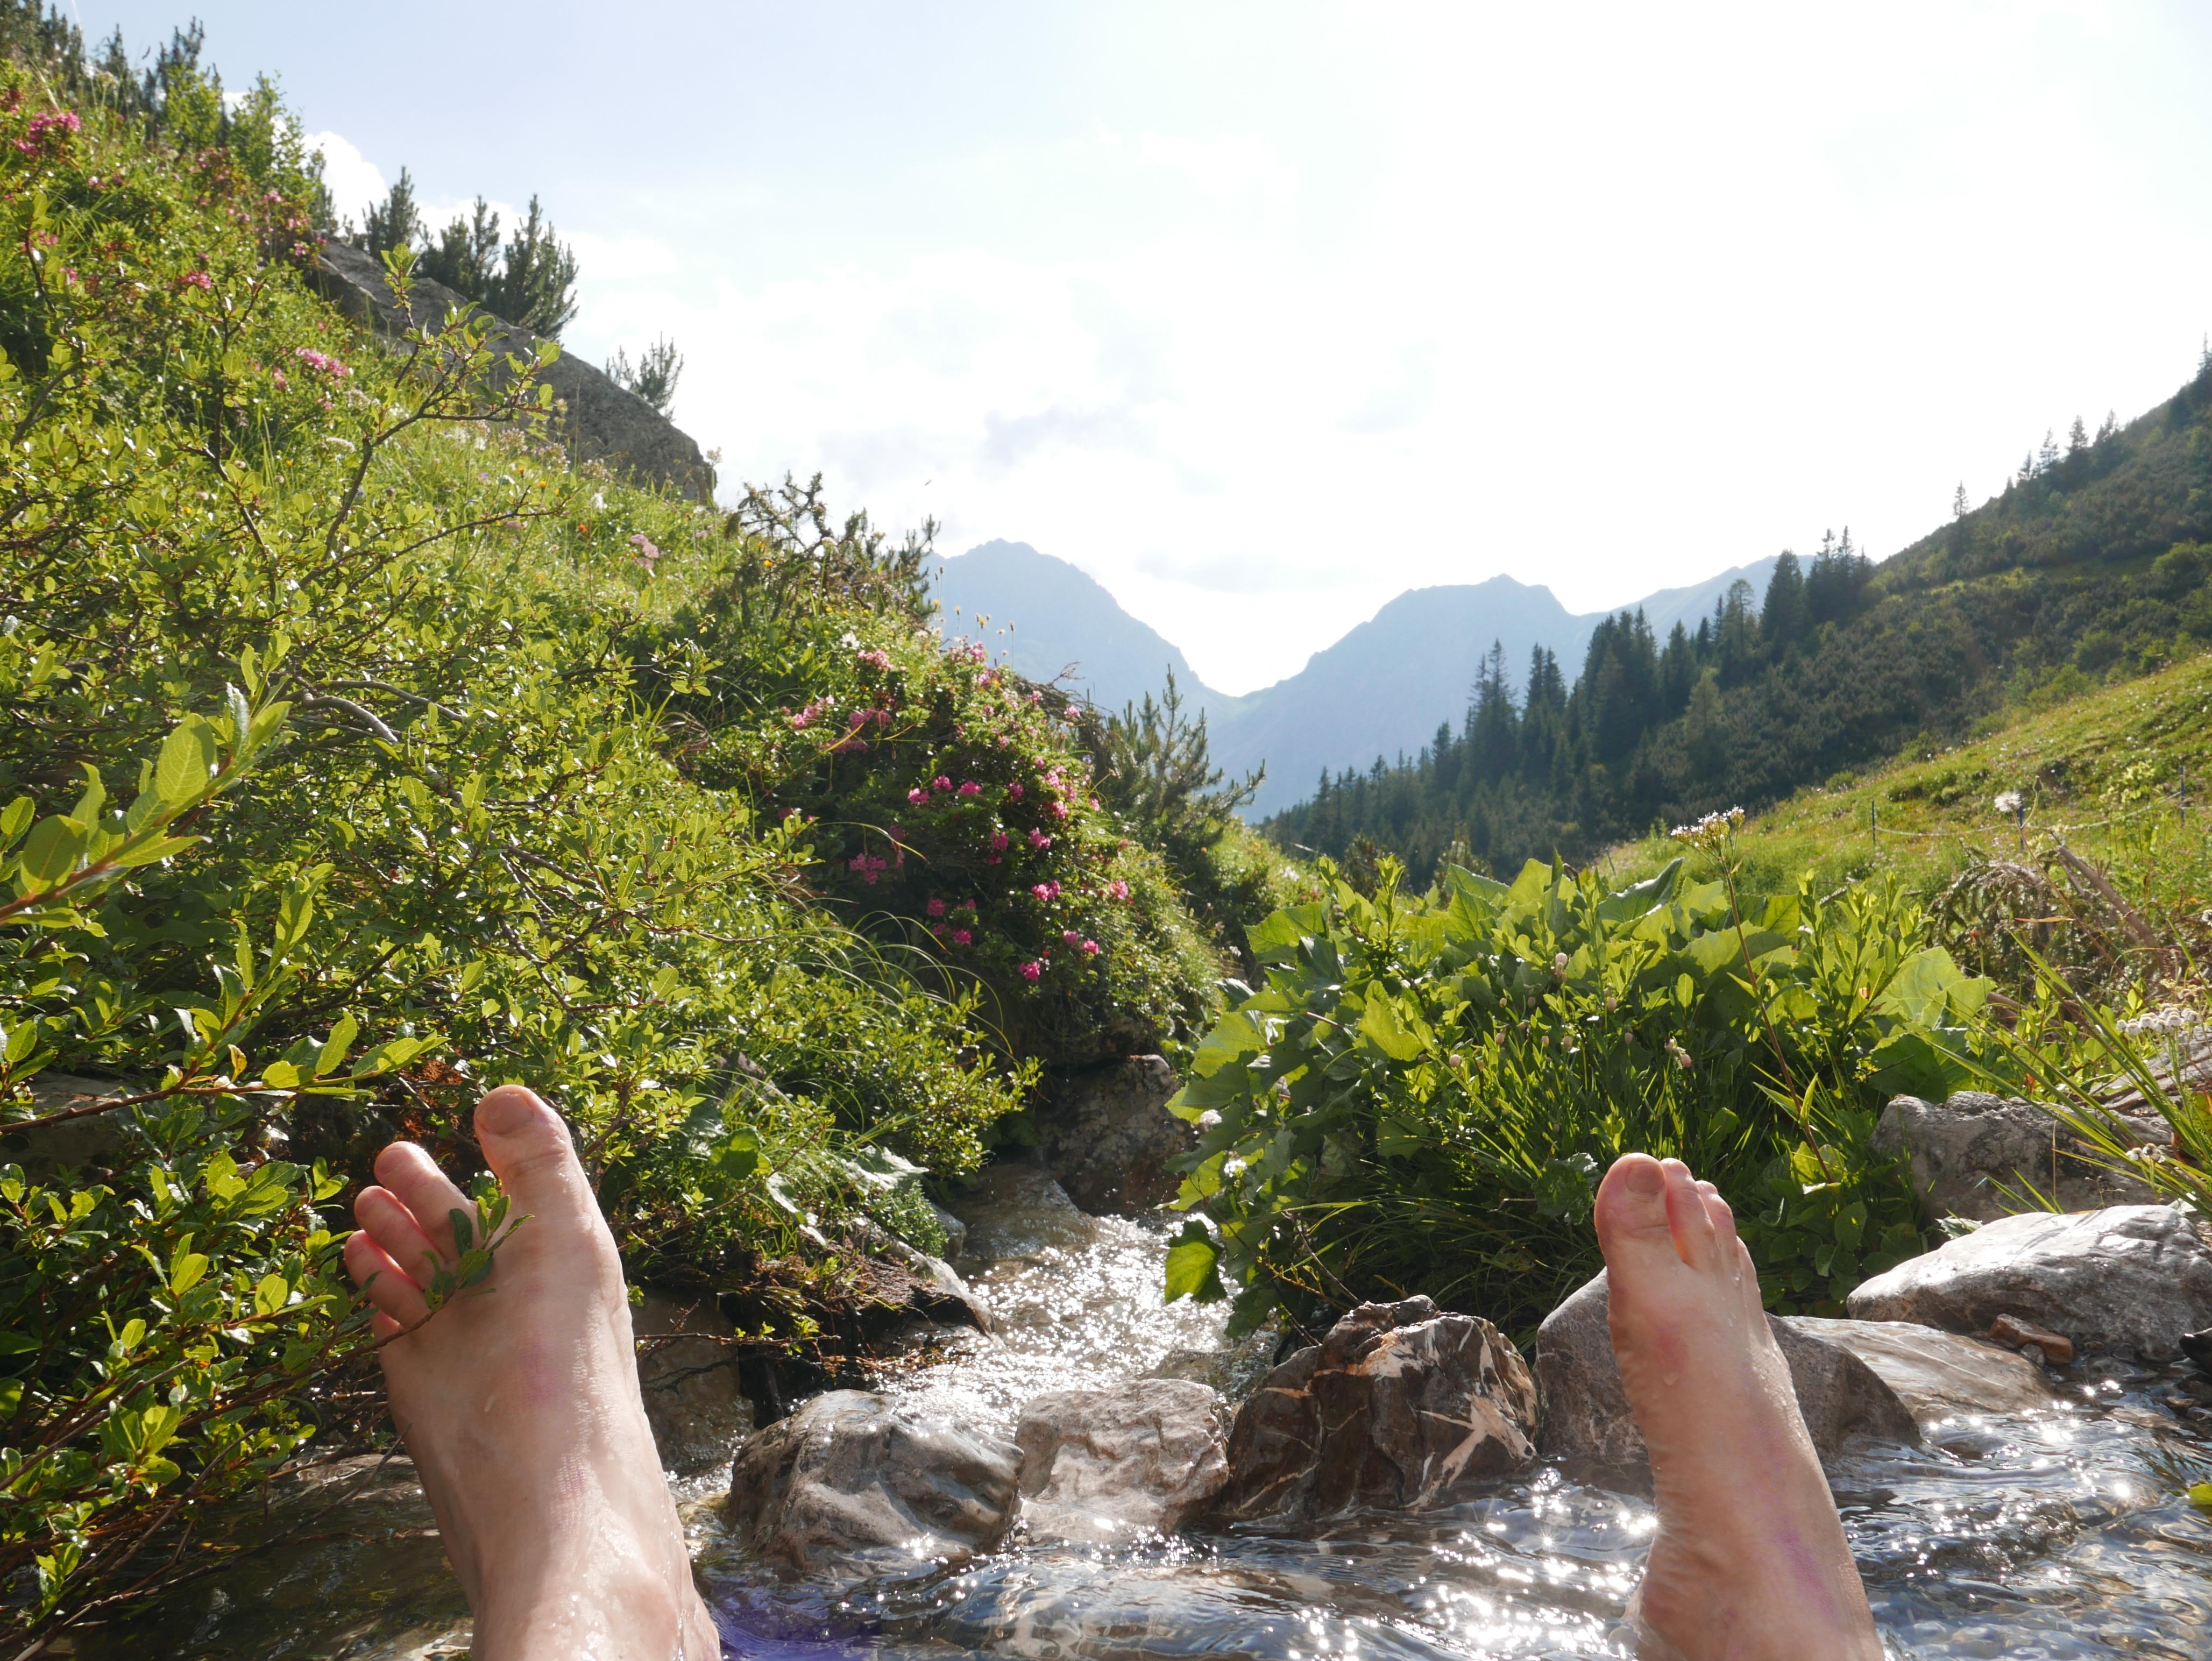 Berge_Alpen_Tirol_Sommer_Bach_Bergbach_Baden_Frische